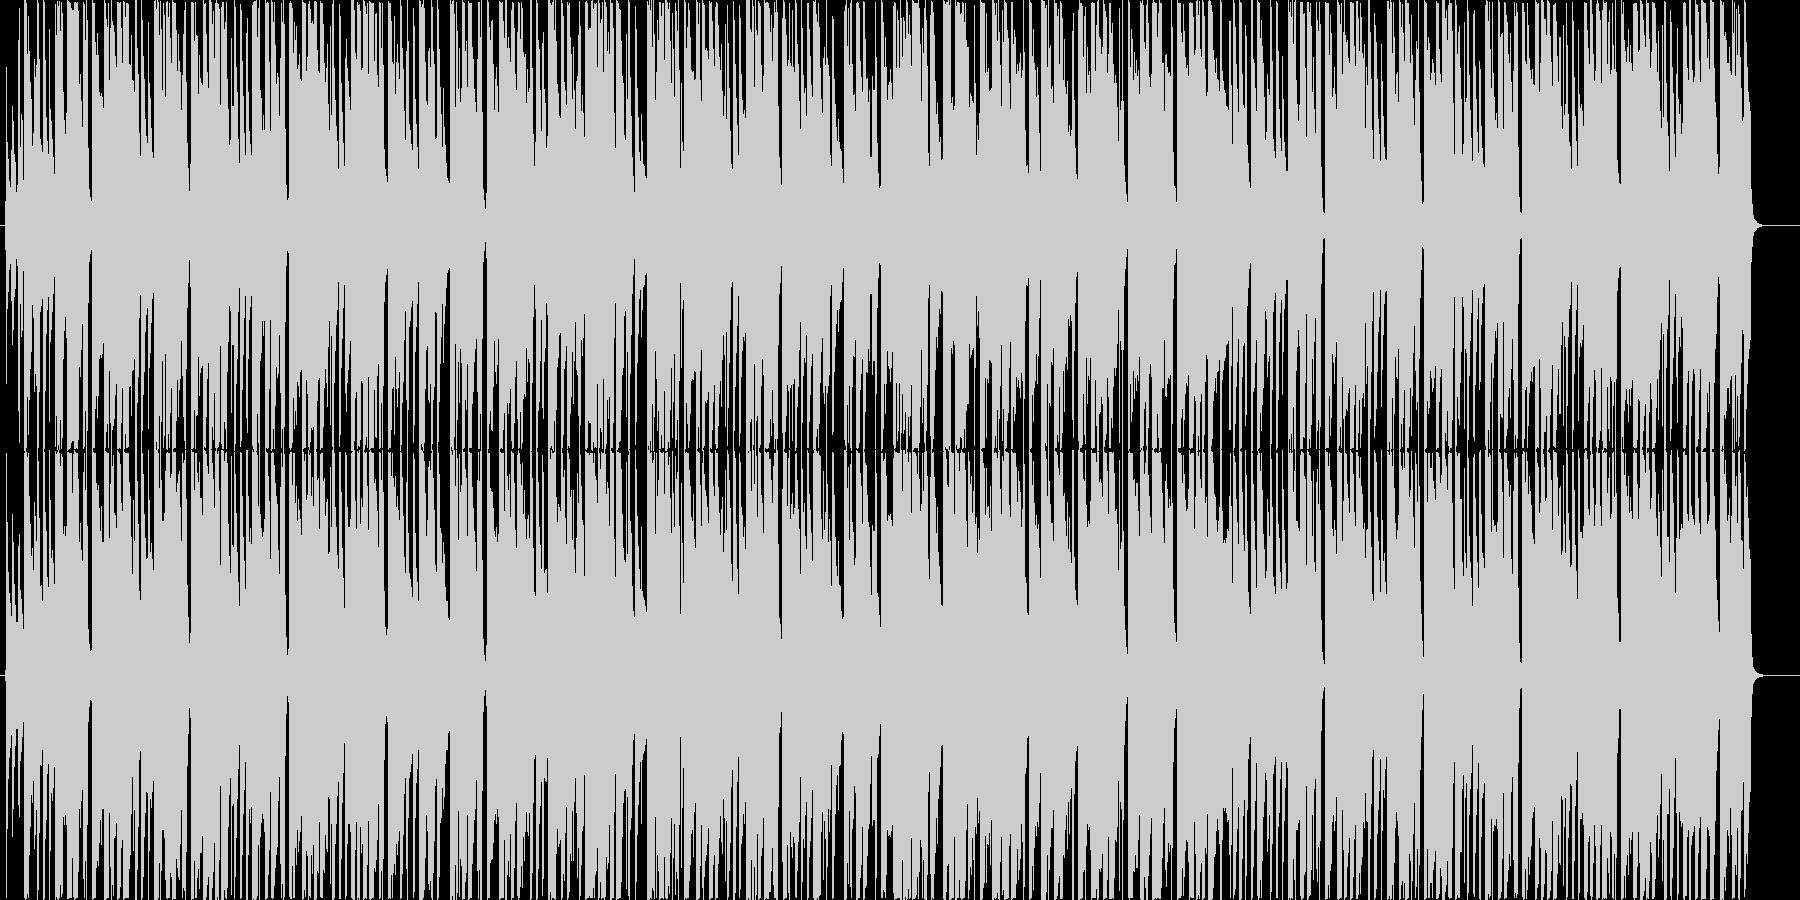 汎用性のある日常系BGMの未再生の波形